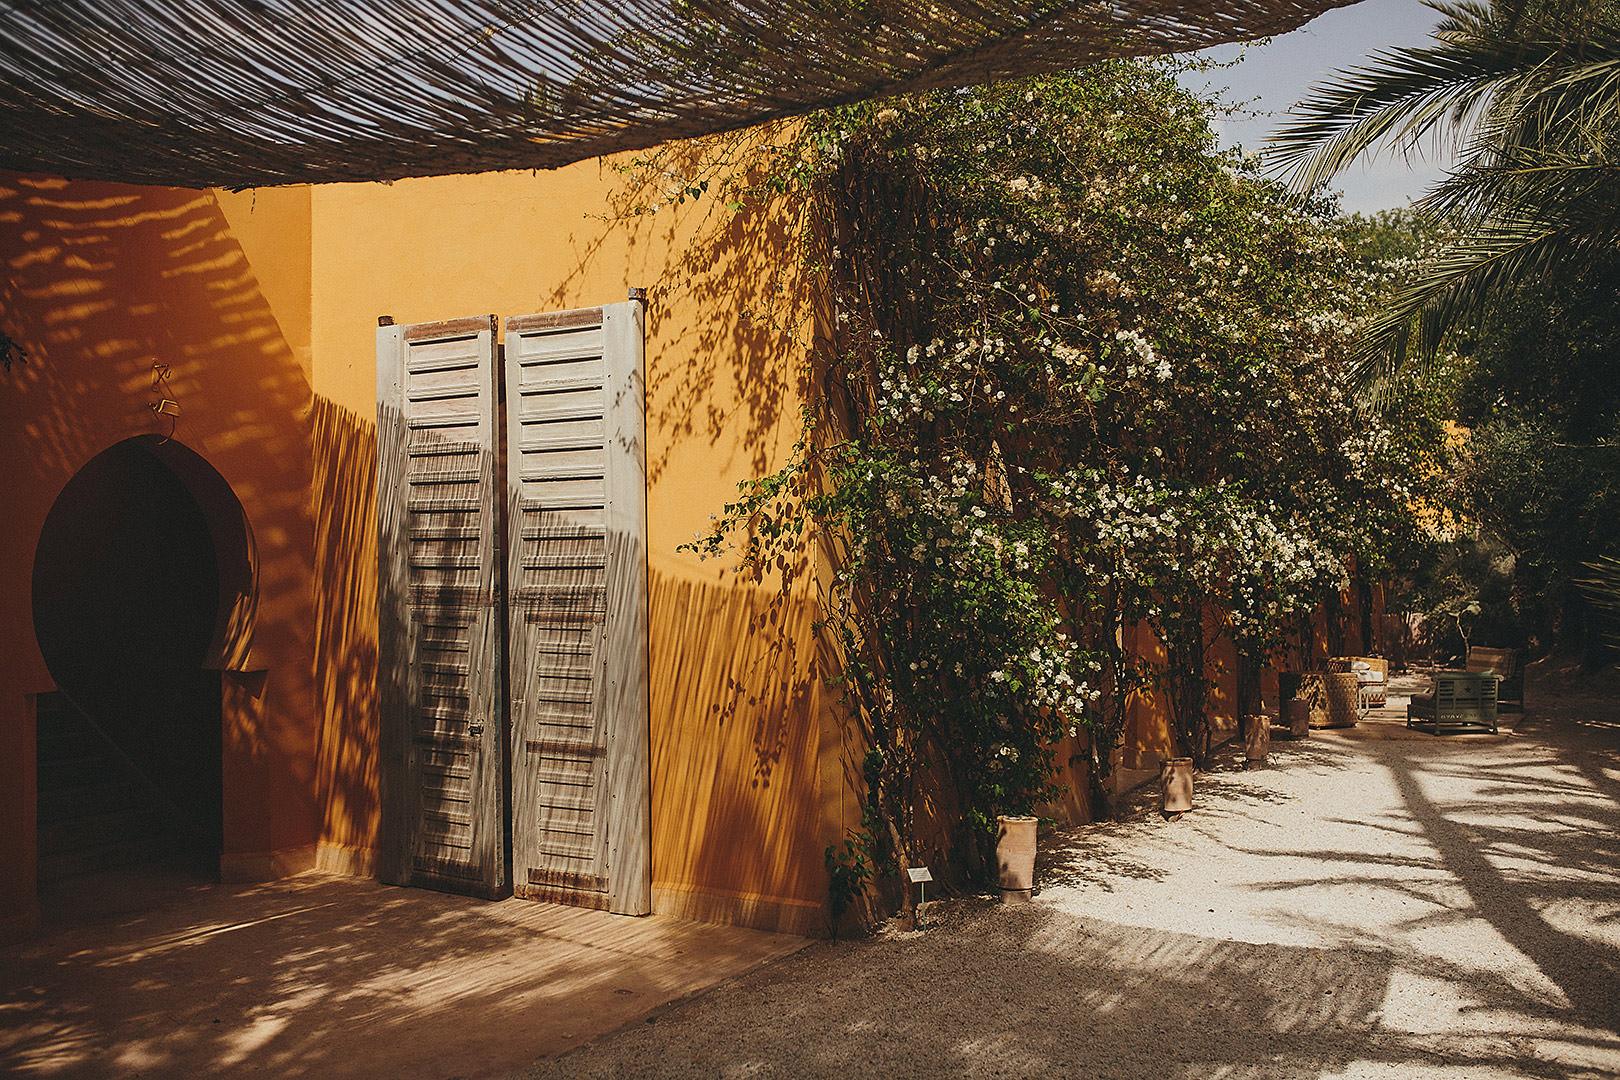 jnane tamsna marrakesh